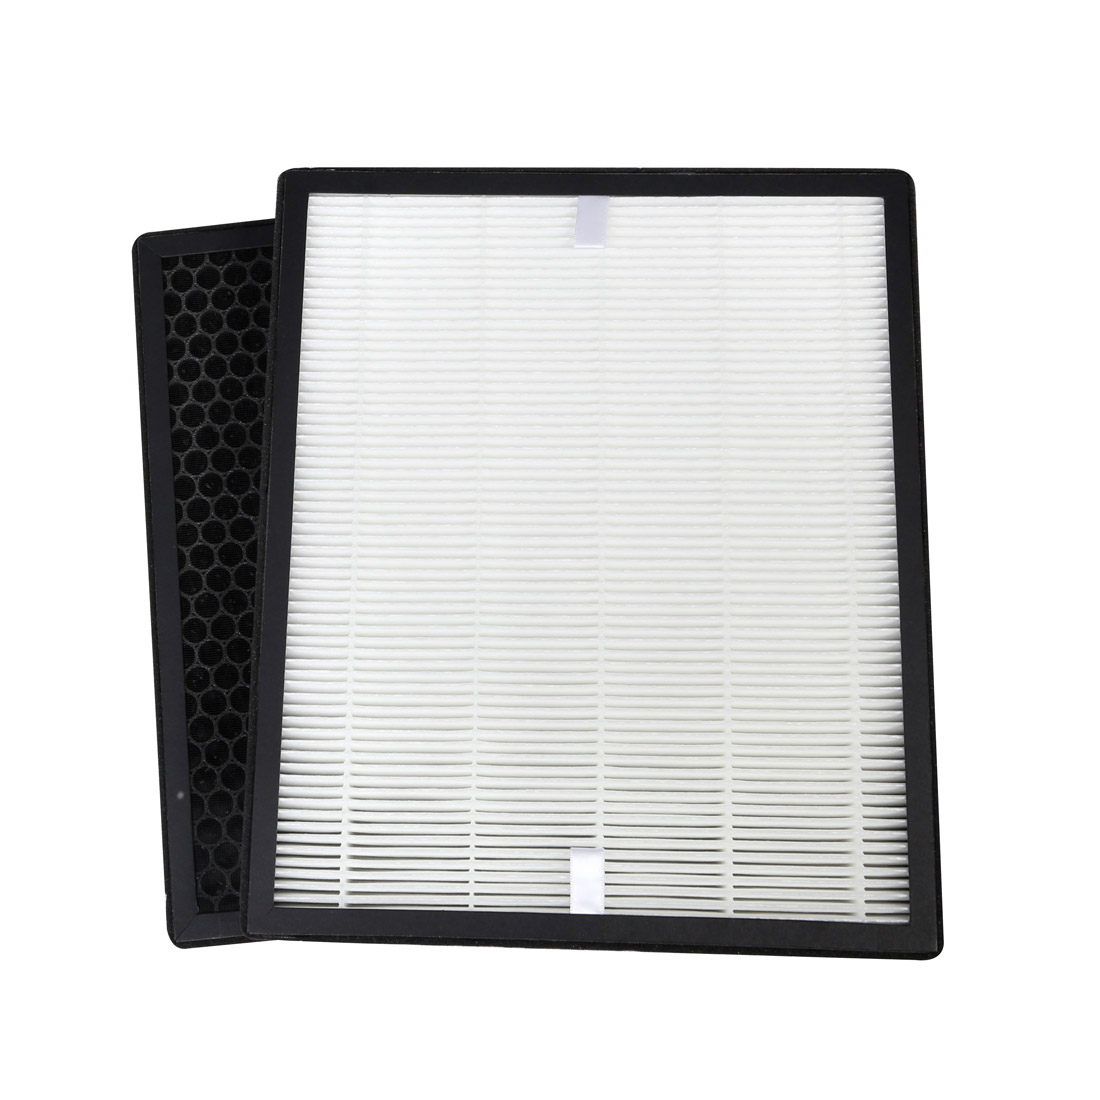 Zestaw filtrów HEPA i węglowy do urządzenia WINIX U450 - OFILTRO Air Filter - HEPA H13 + Carbon - WINIX U450